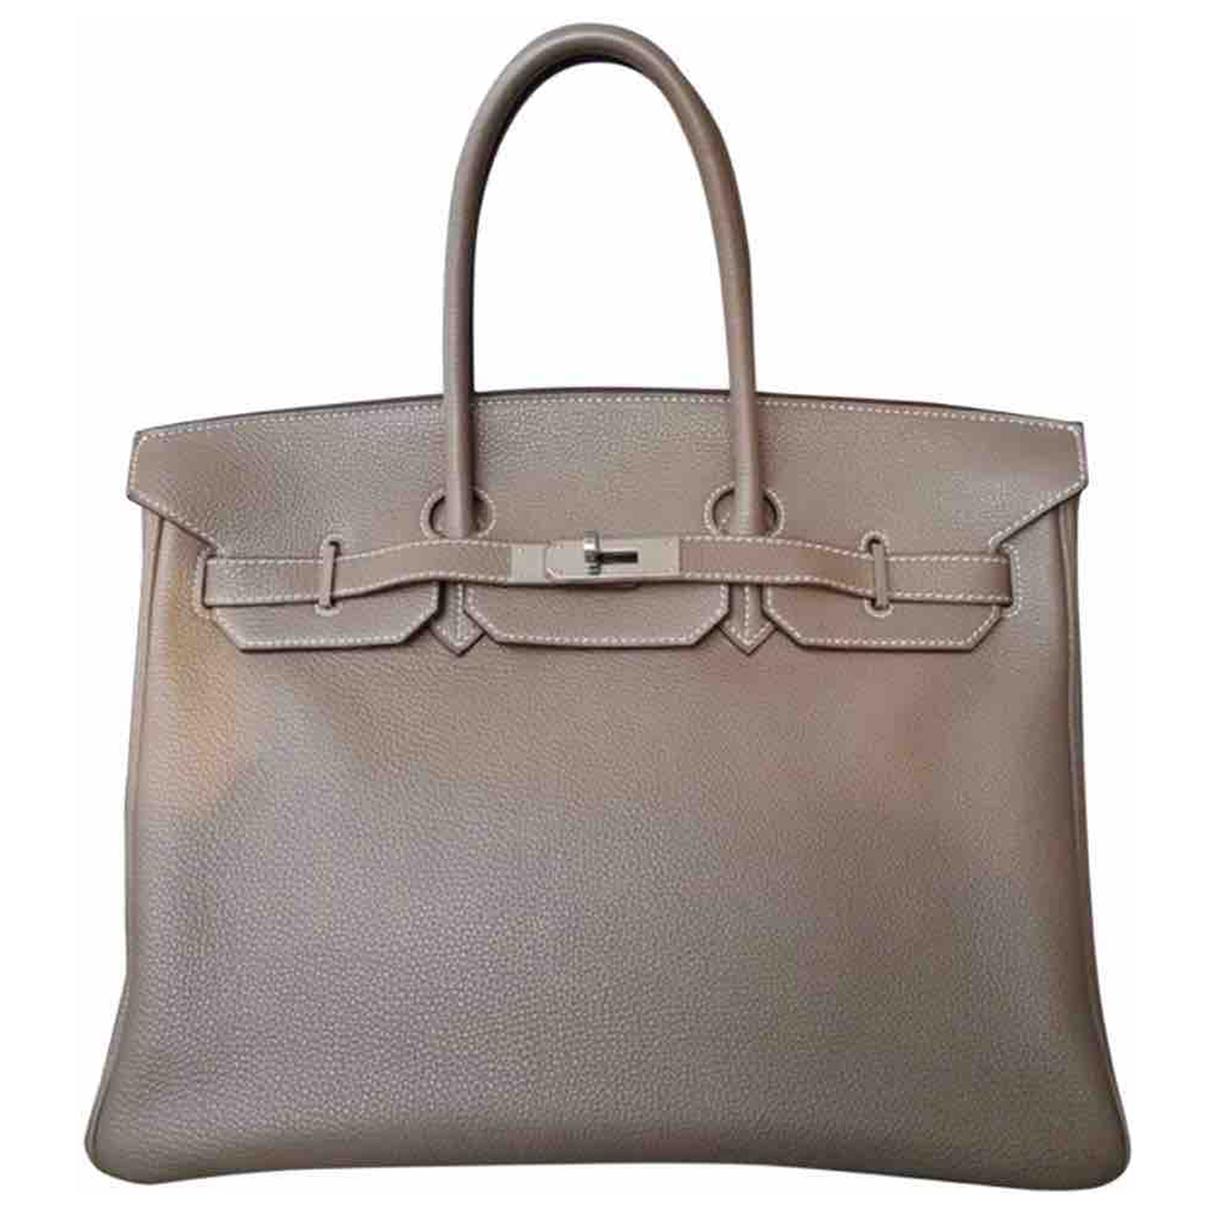 Hermes Birkin 35 Handtasche in  Beige Leder